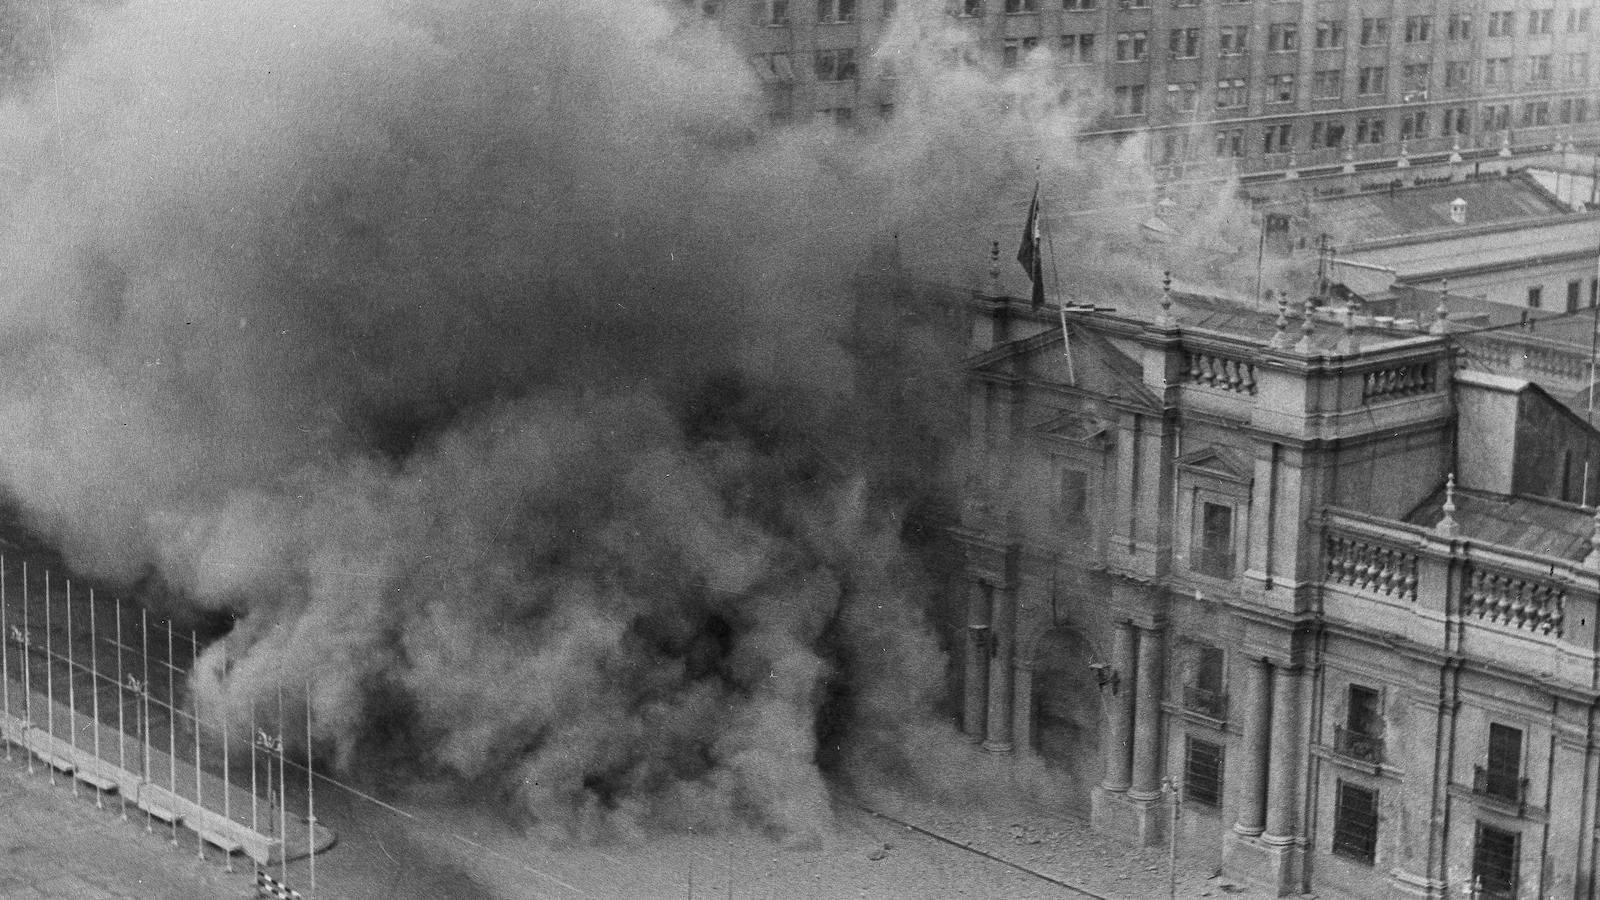 Le 11 septembre 1973, le palais présidentiel chilien est en flamme à la suite de bombardements visant à renverser le gouvernement de Salvador Allende.